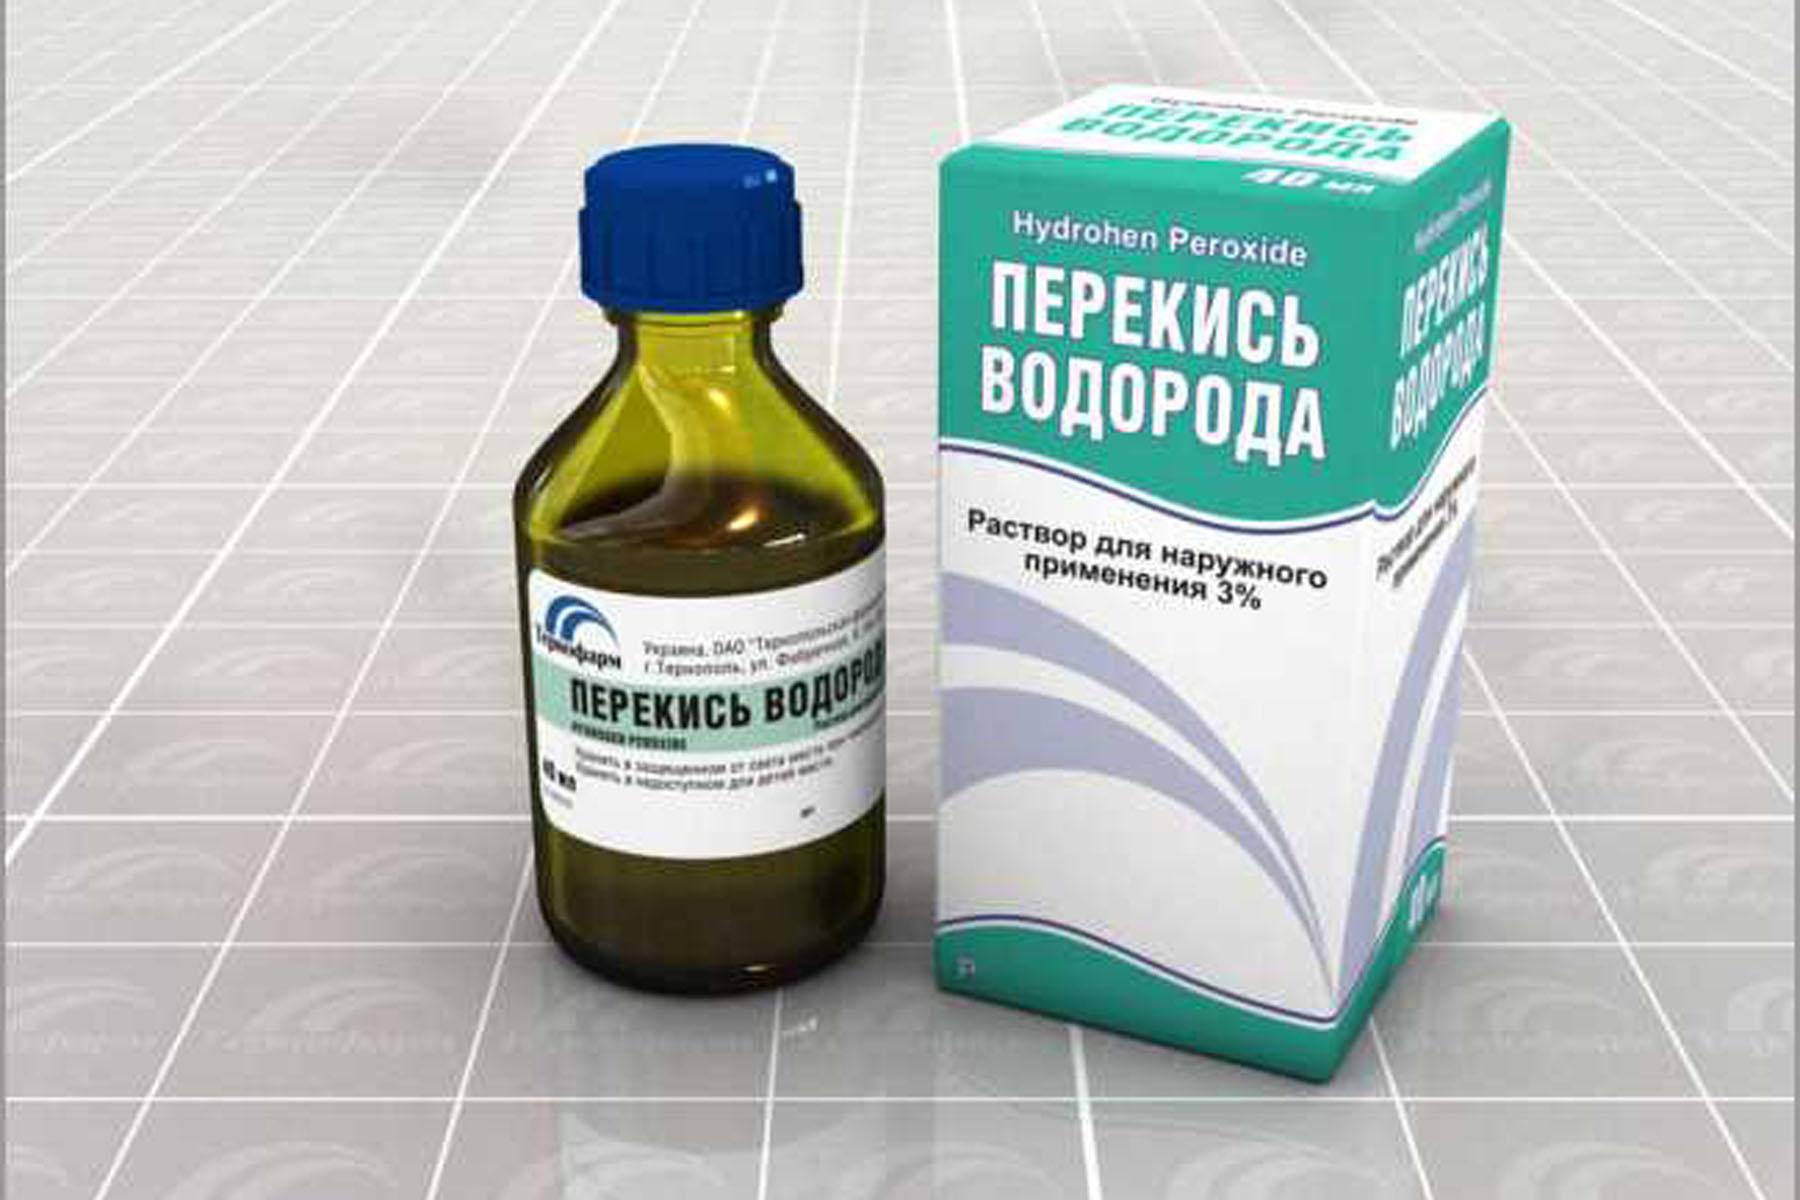 Перекись водорода обладает отличными антисептическими и антибактериальными свойствами